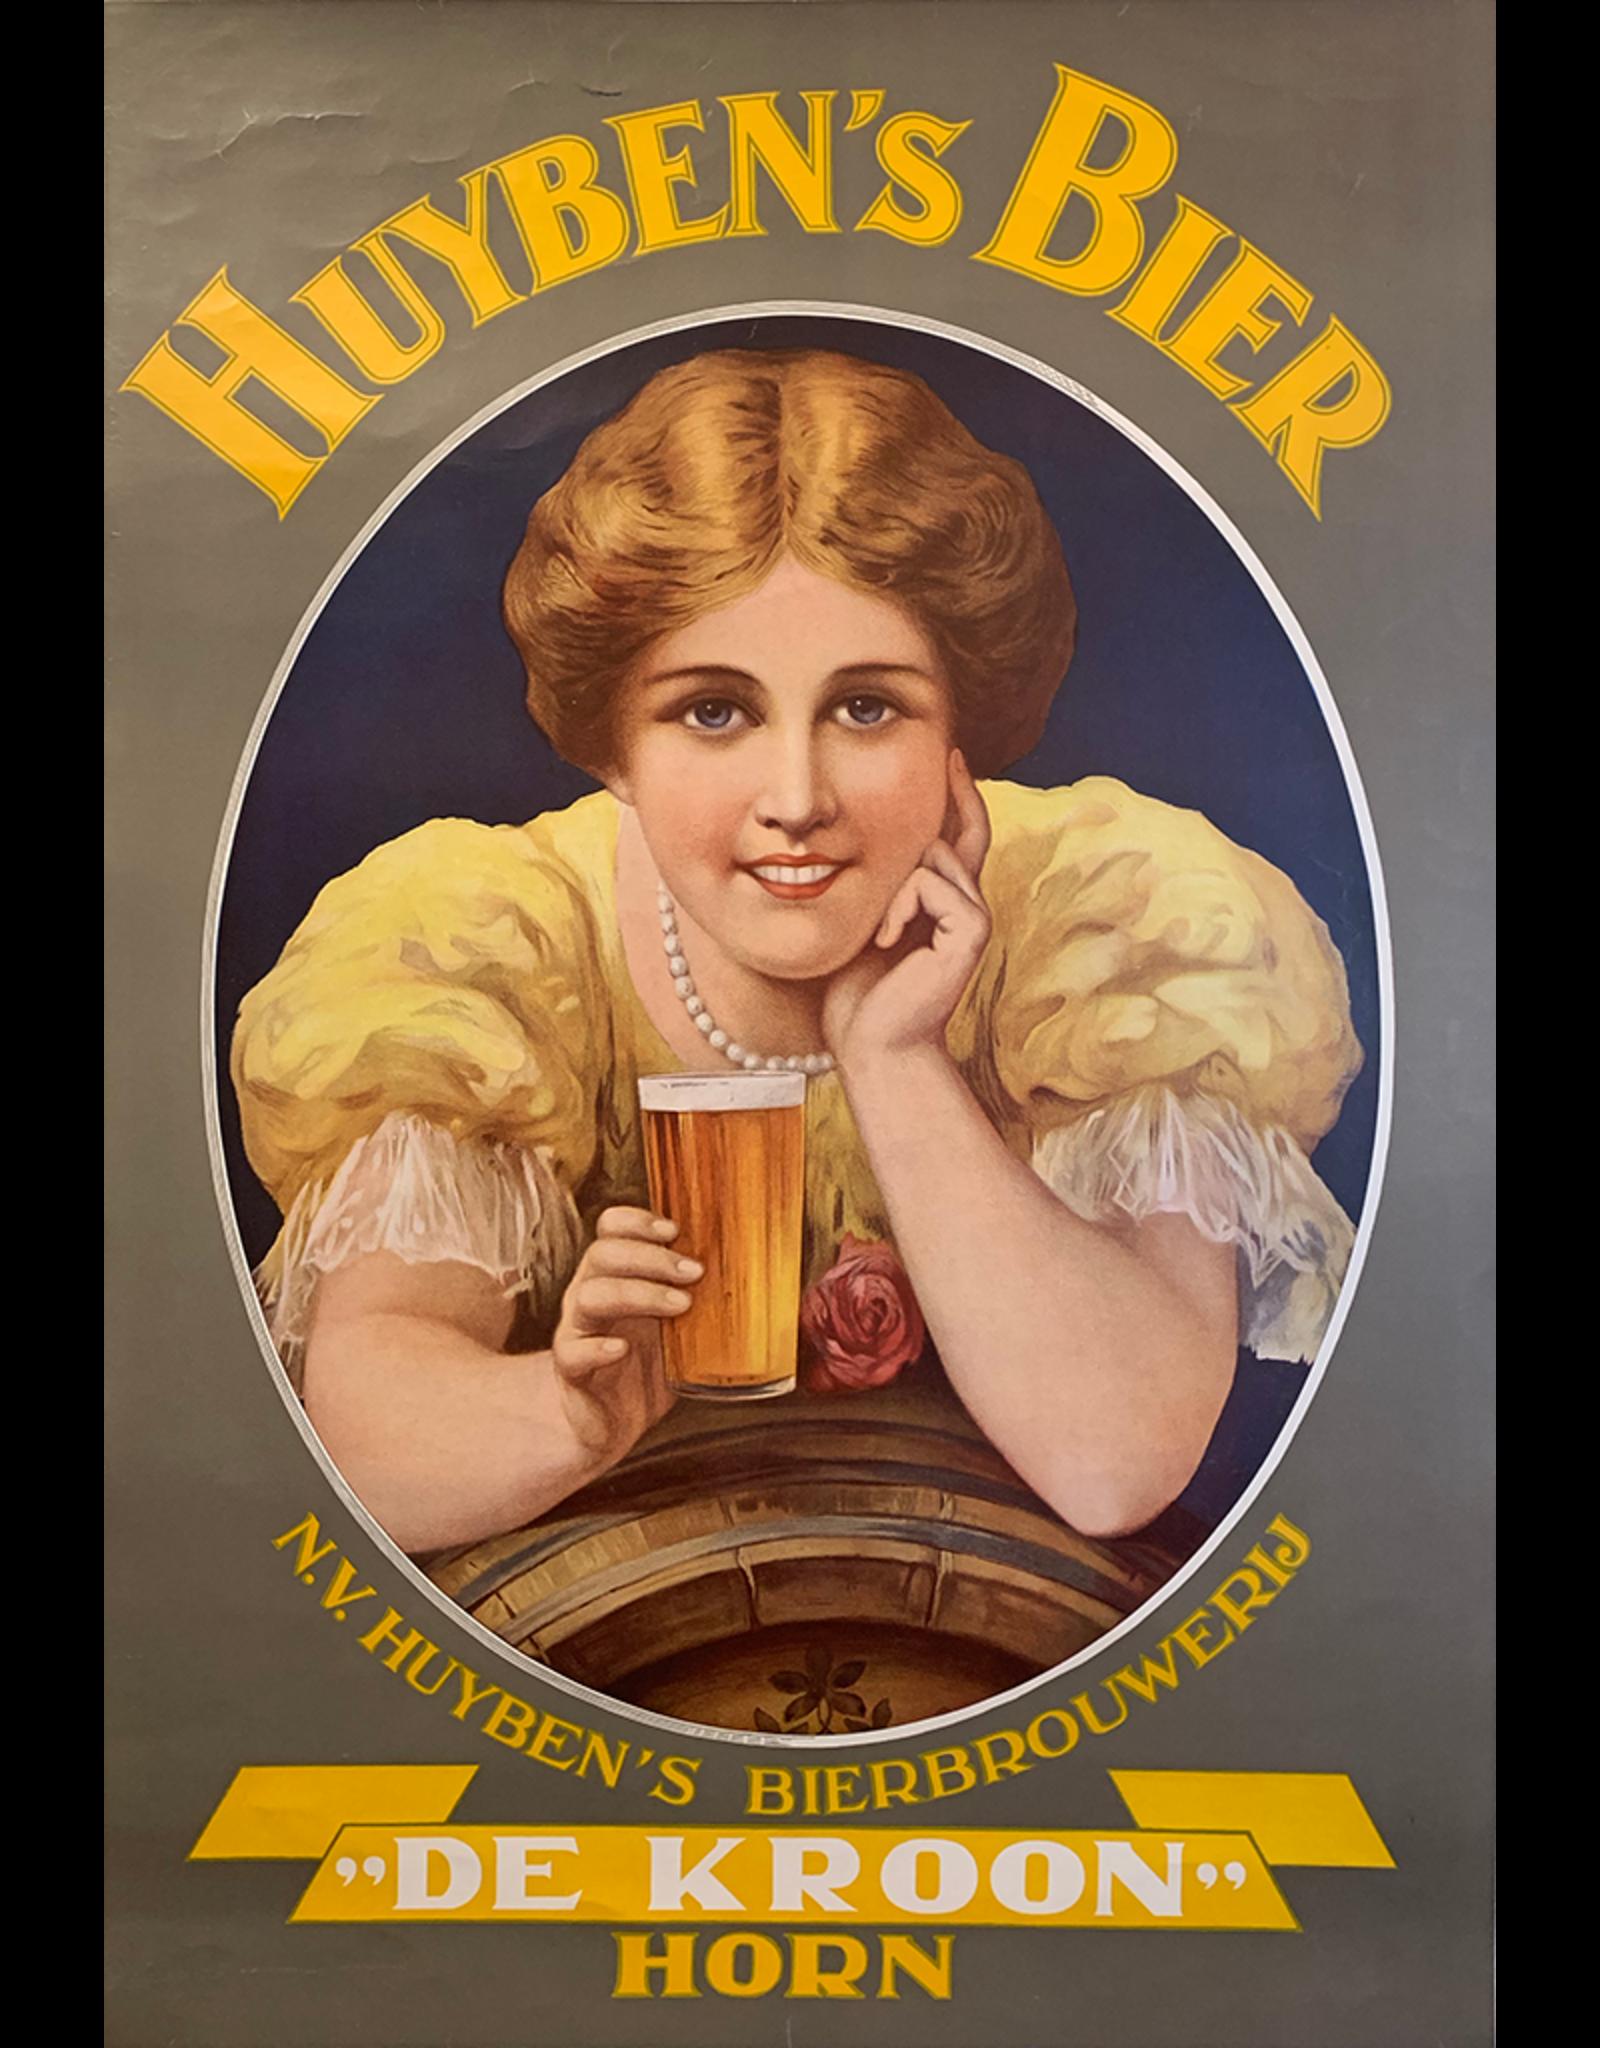 SPV Huyben's Bier